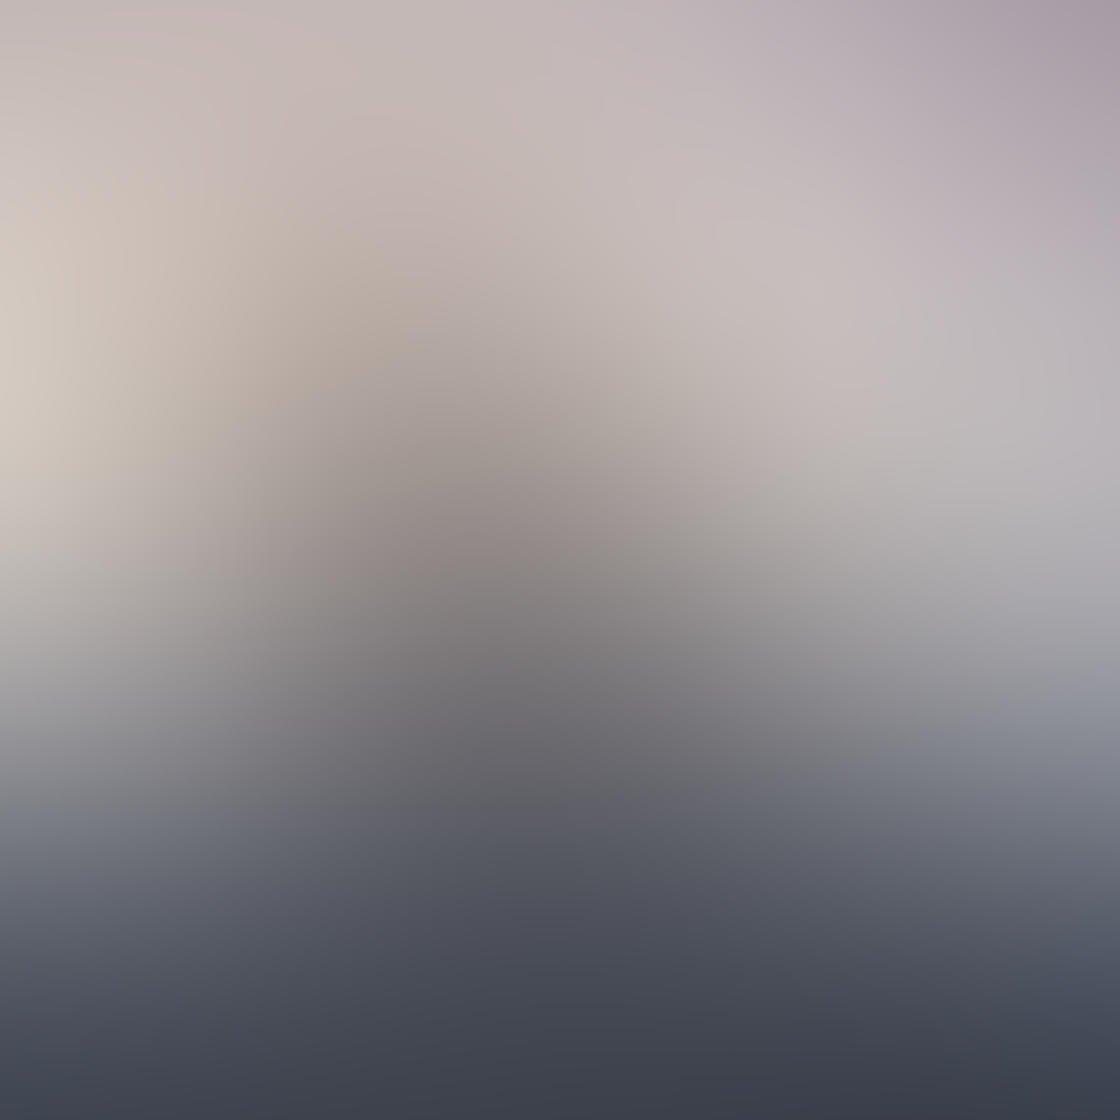 Fog & Mist iPhone Photos 12